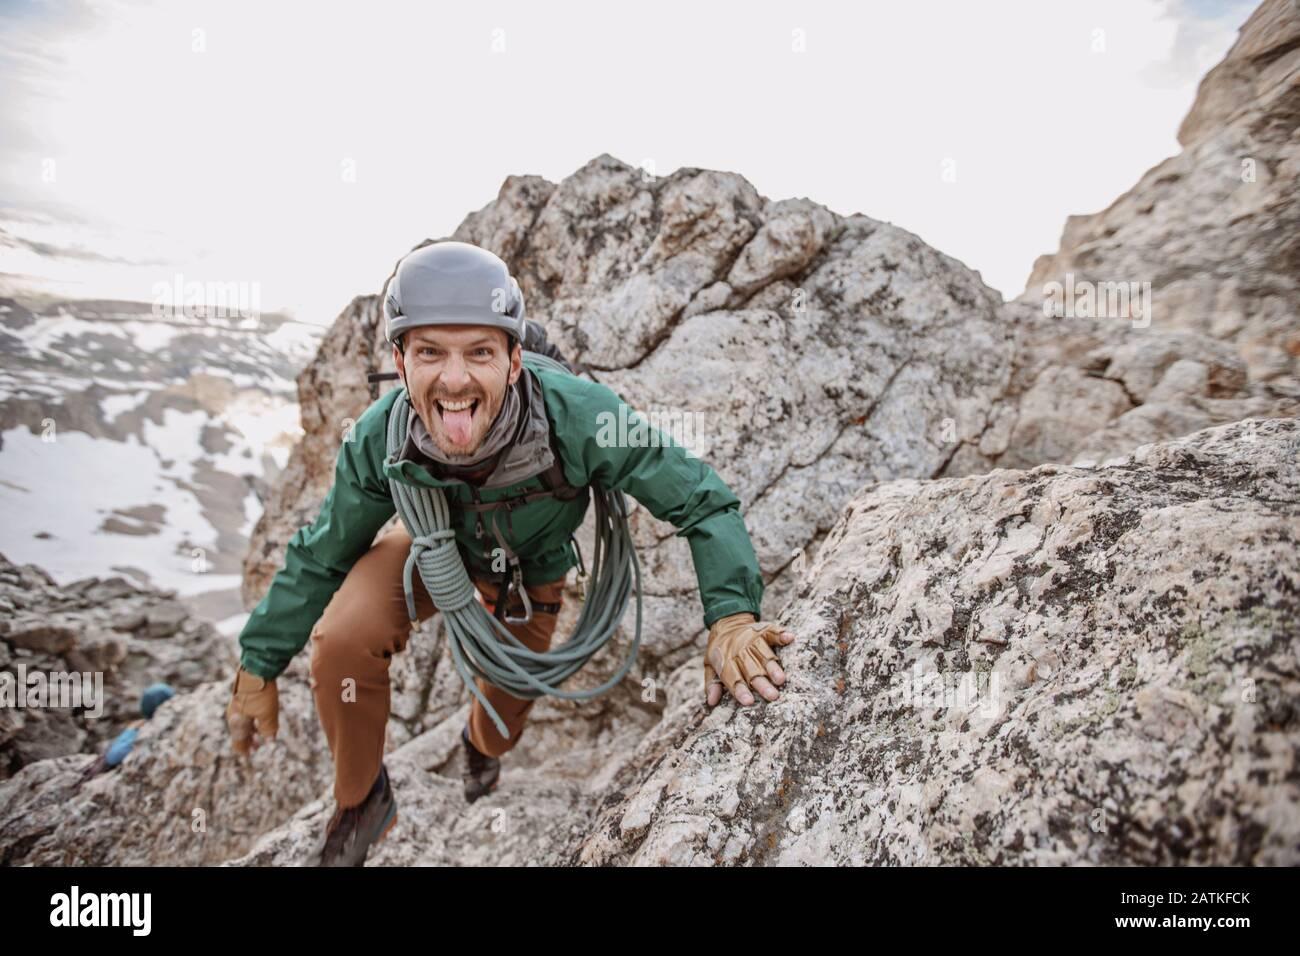 Le grimpeur de roche mâle avec corde et casque dépasse la languette Banque D'Images